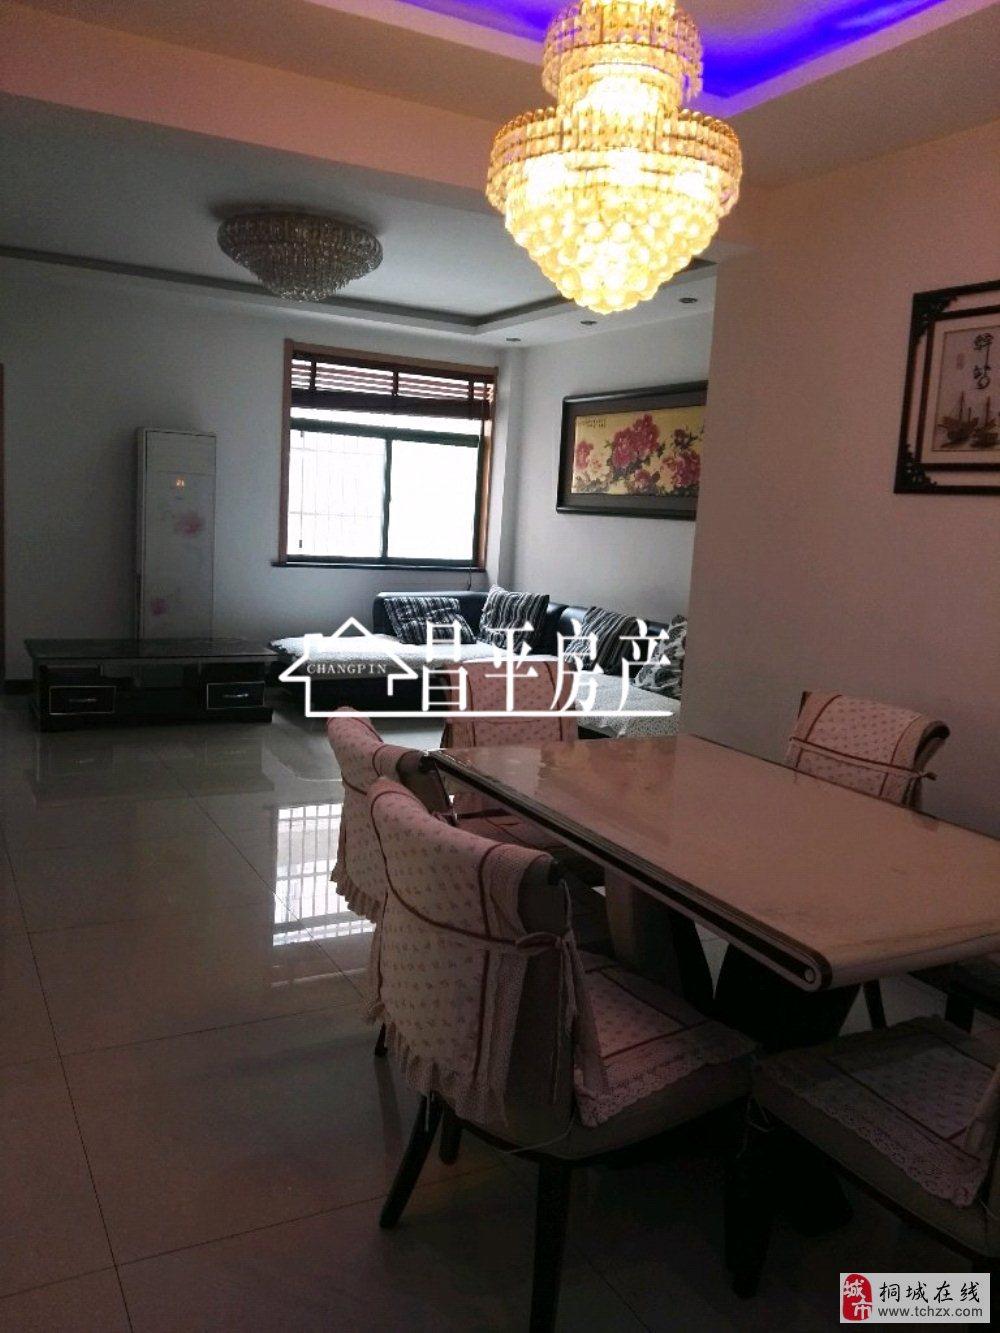 阅城国际精装修3室2厅1卫现售72万元